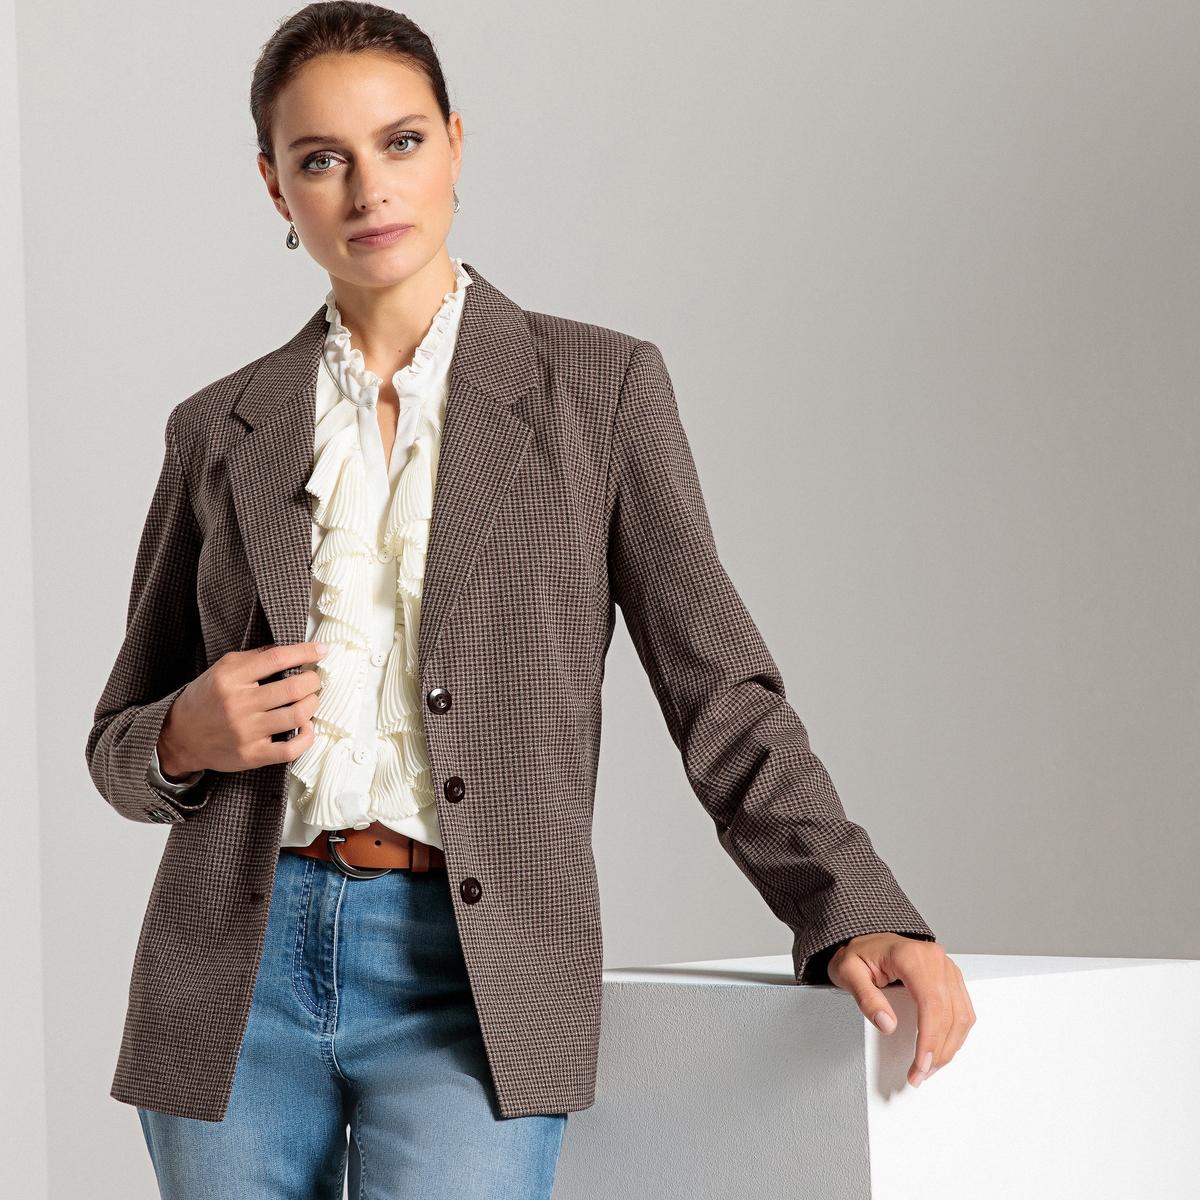 Жакет-блейзер прямой, Prince de Galles жакет джинсовый pinner прямой покрой